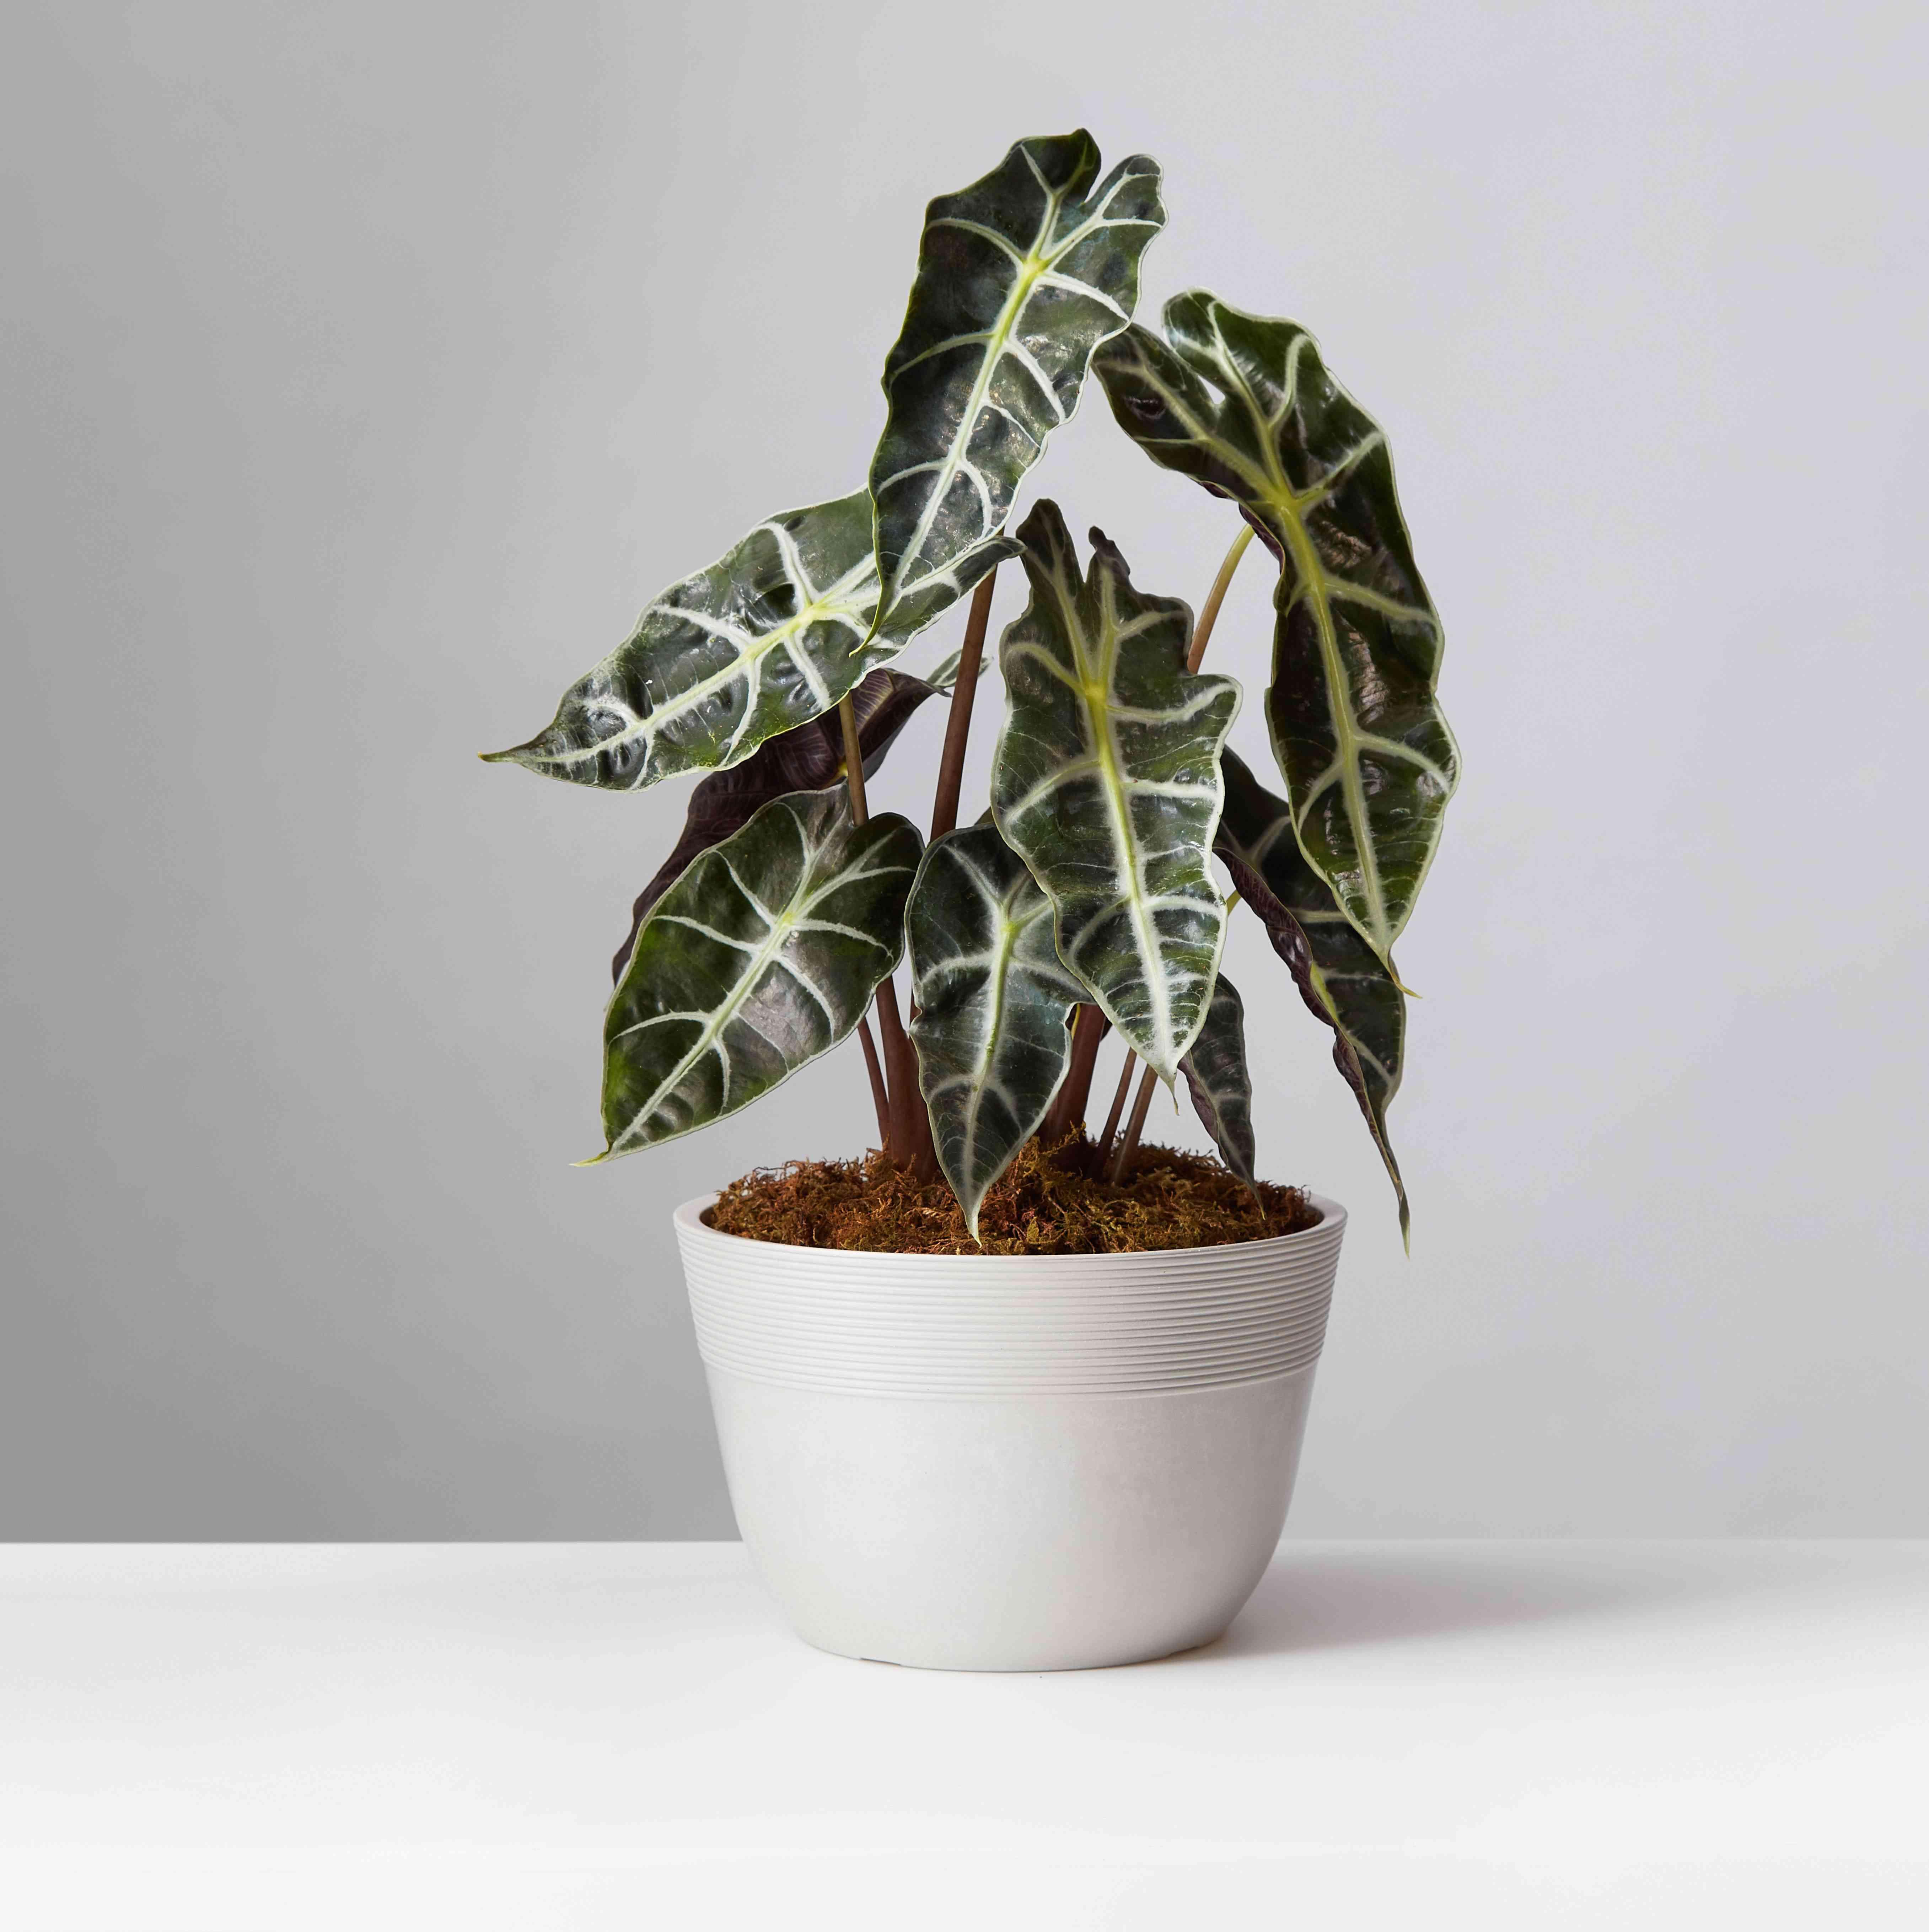 Alocasia Polly in a white pot